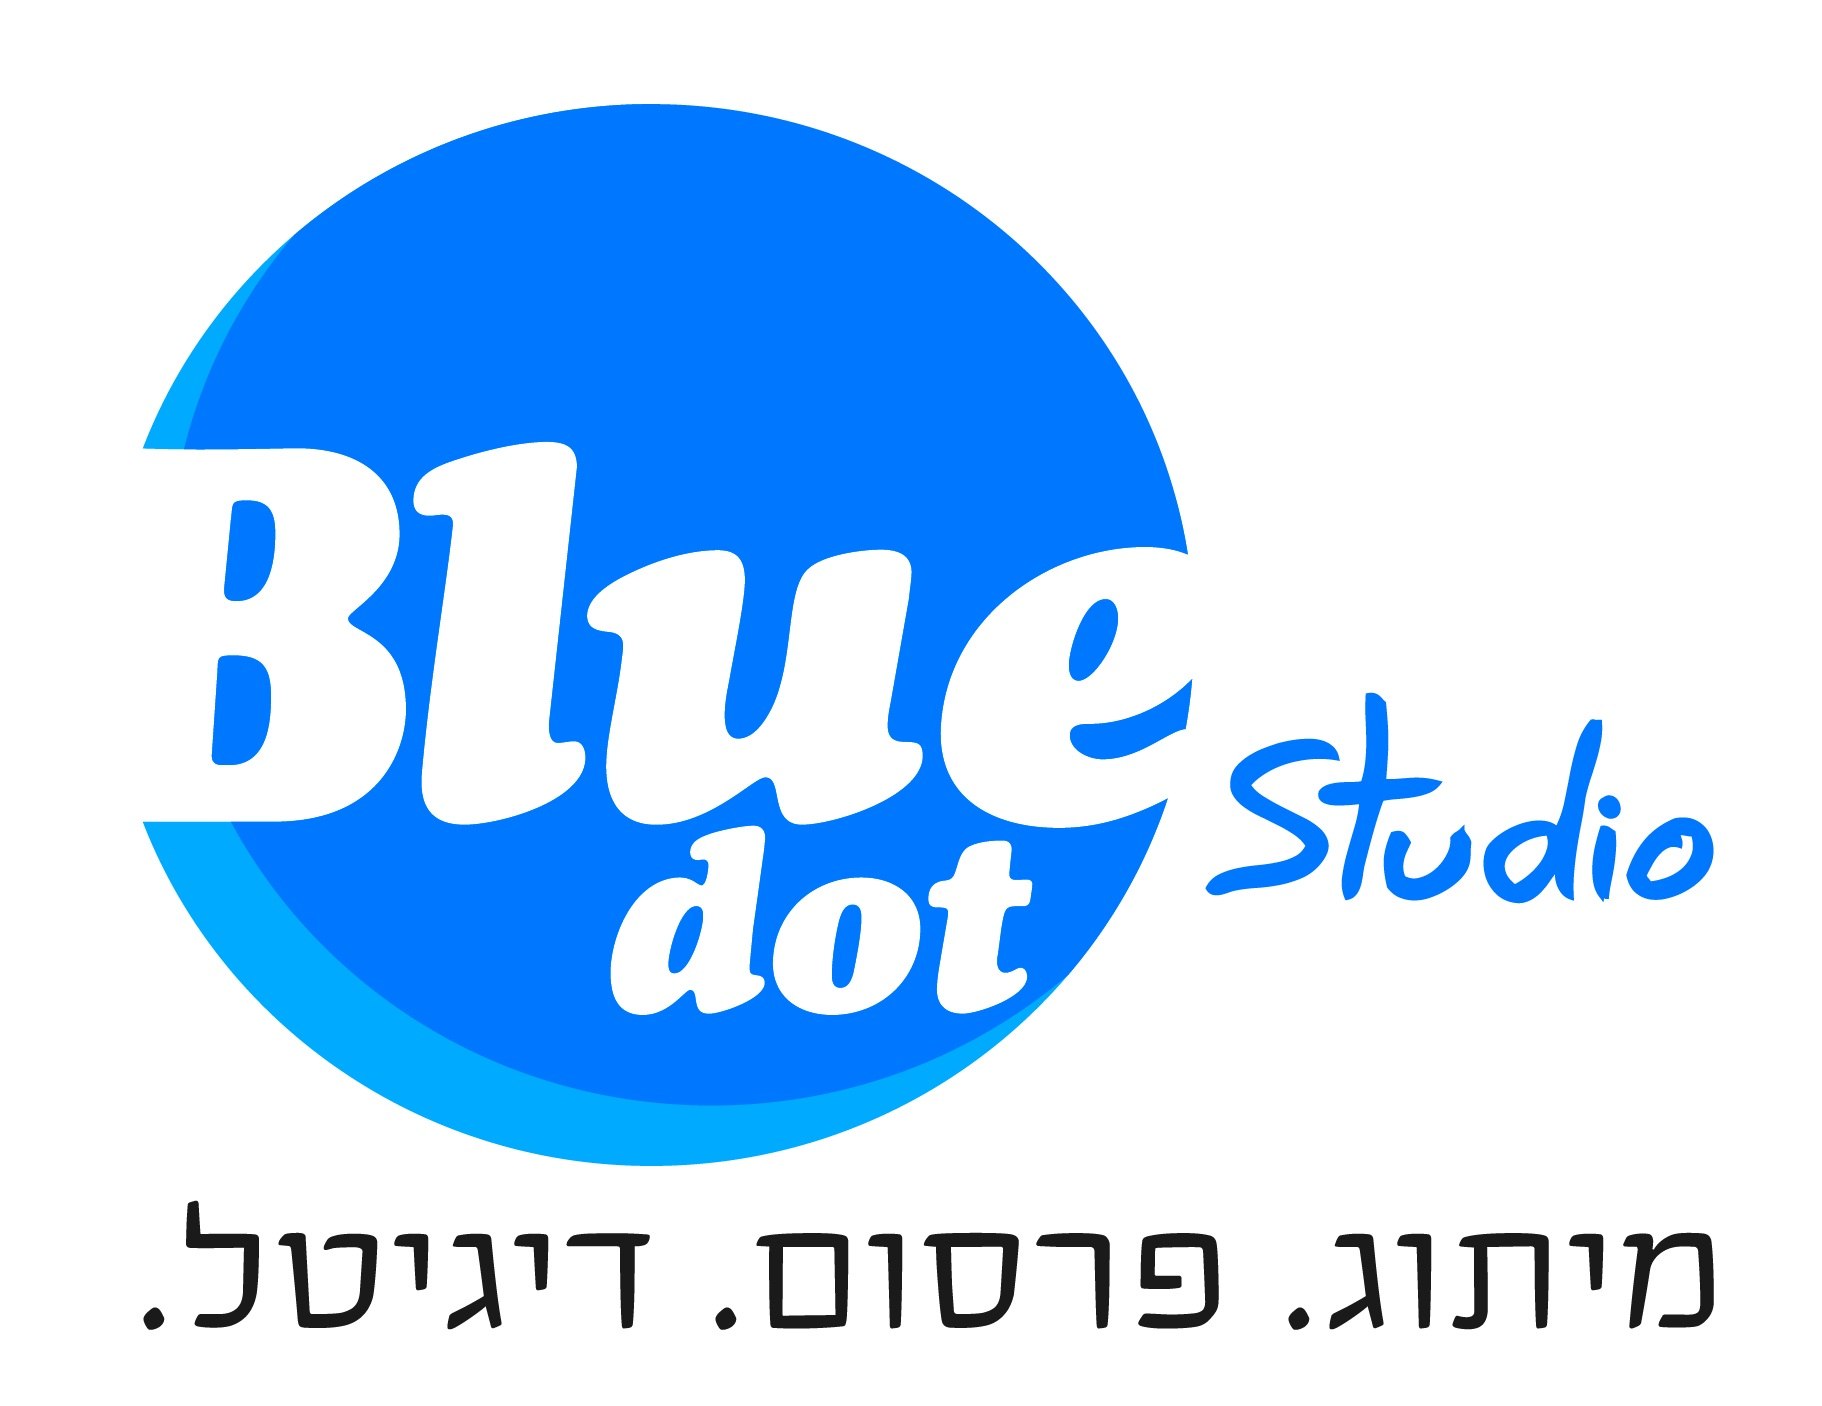 Bluedot Studio